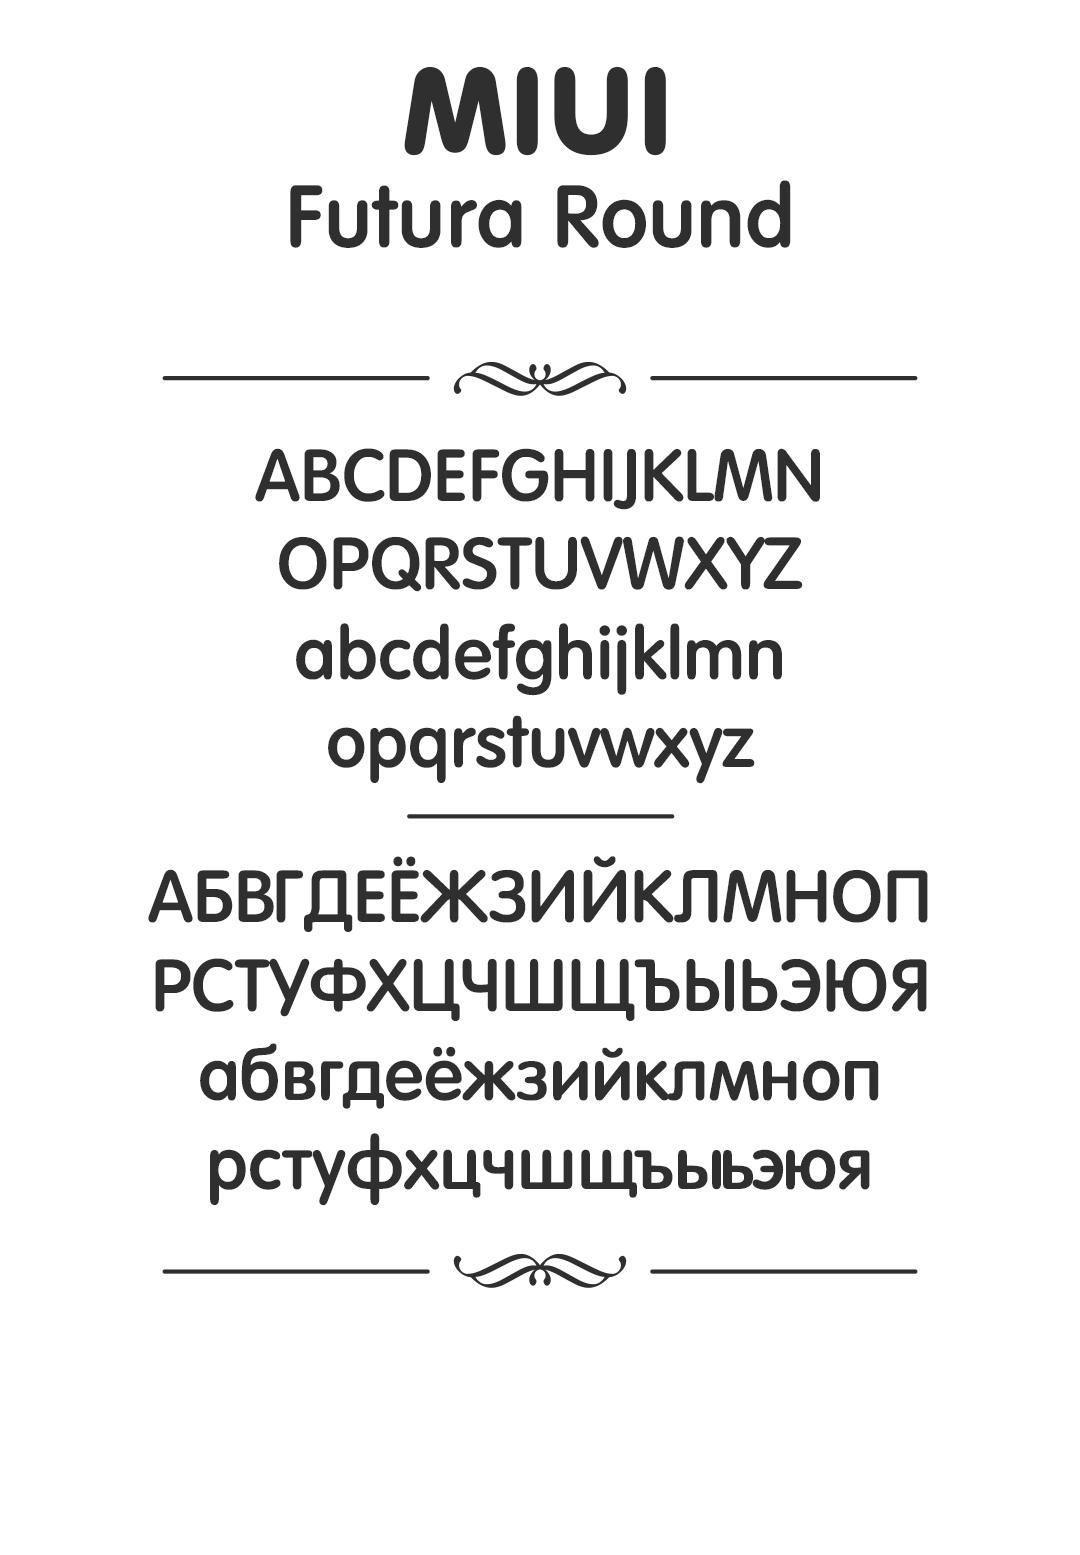 preview fonts big 0 11